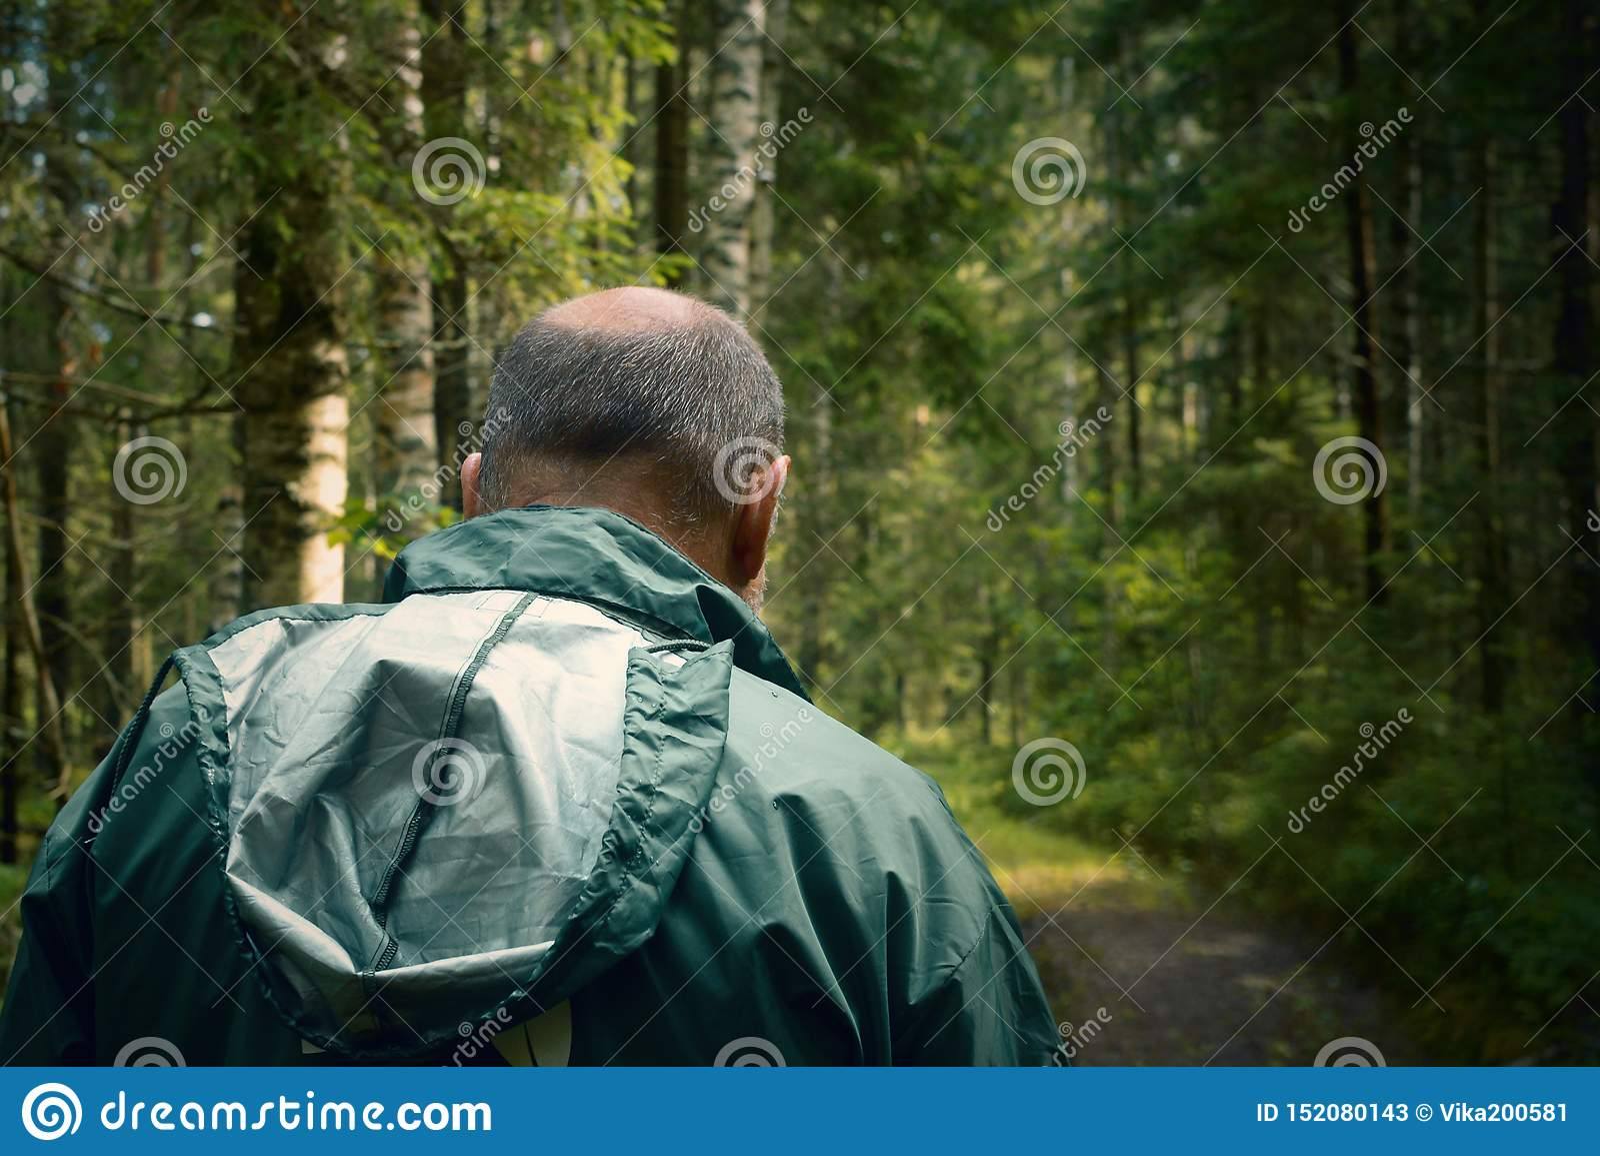 Brottsling och misstänkt person i skogen